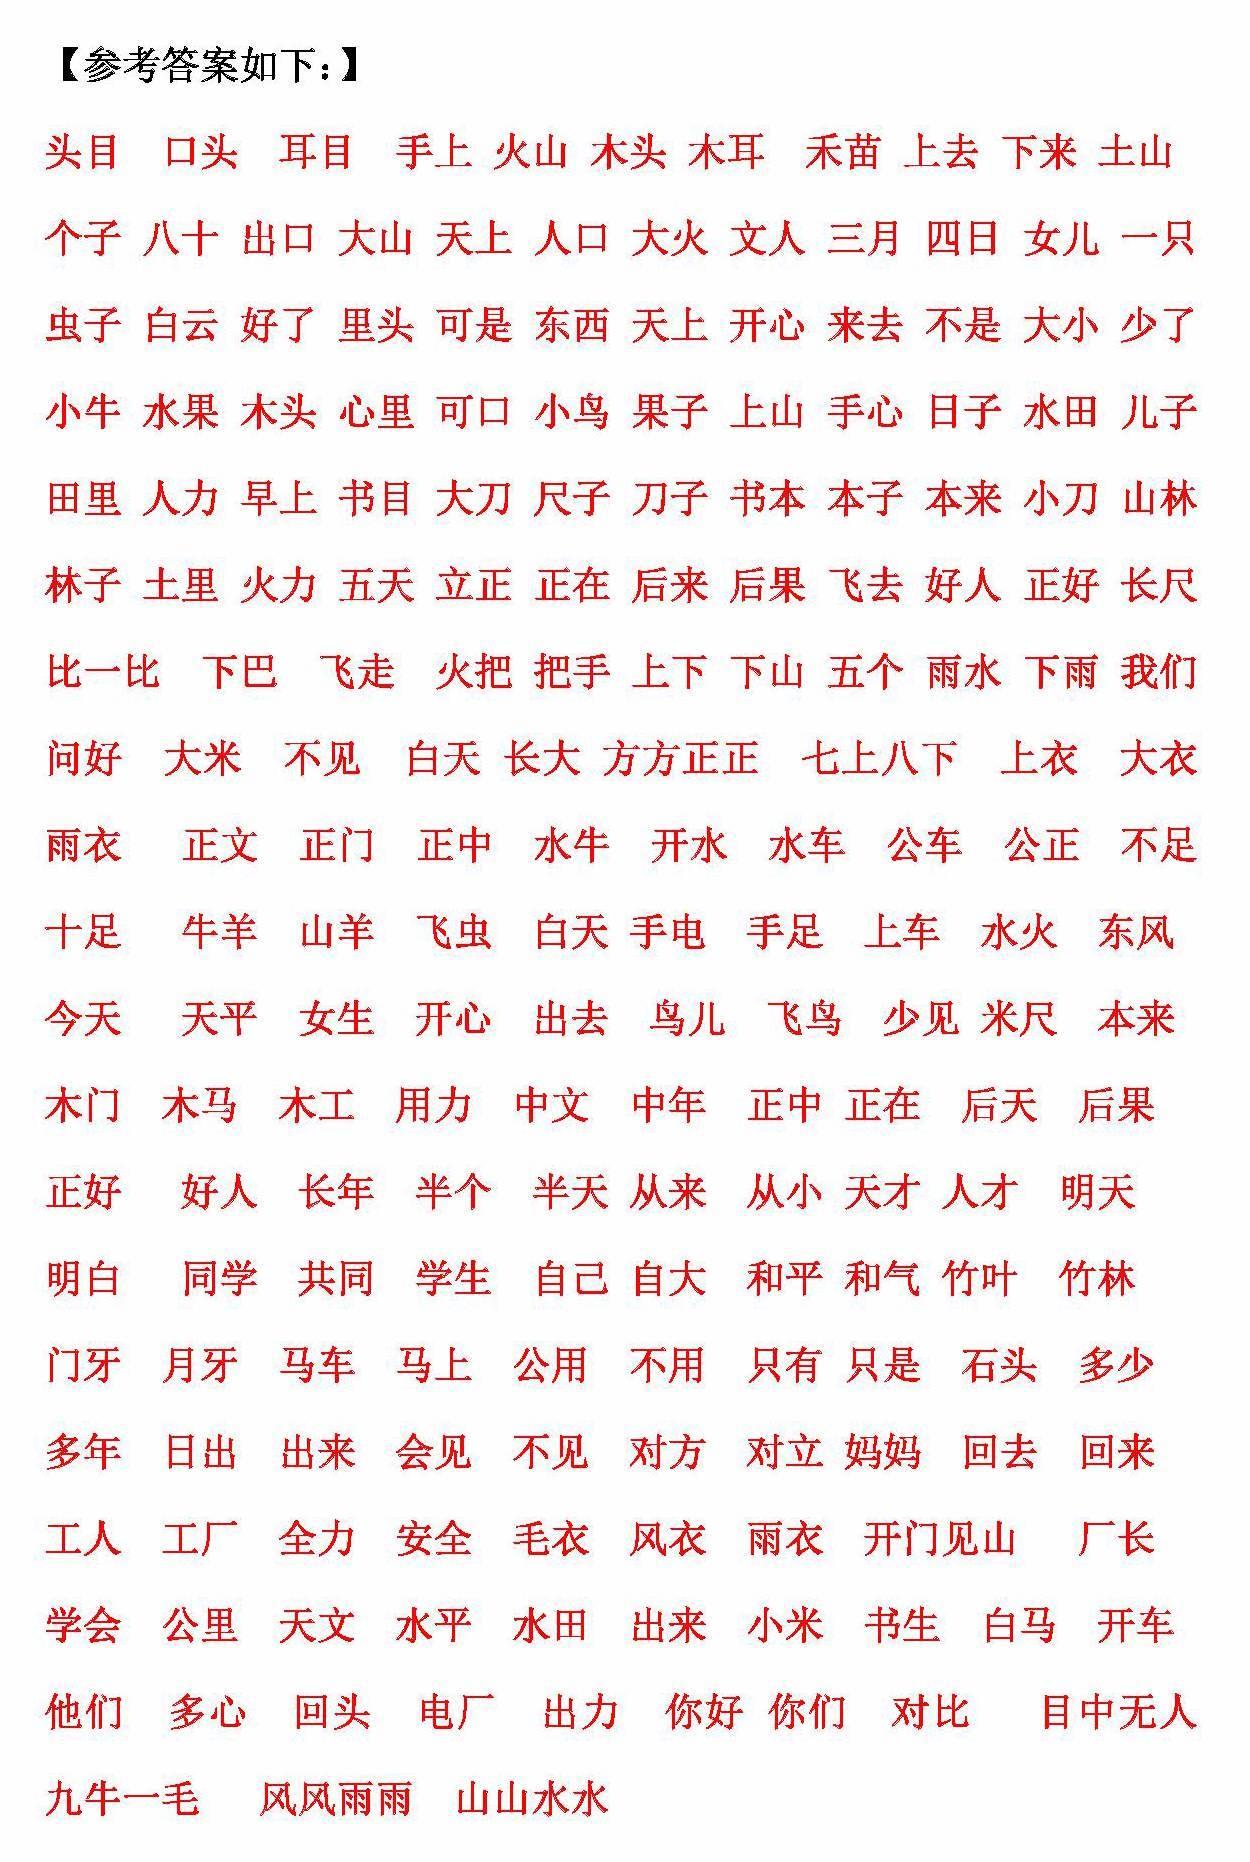 语文上册生字数笔画 课文填空 看拼音写汉字测试题